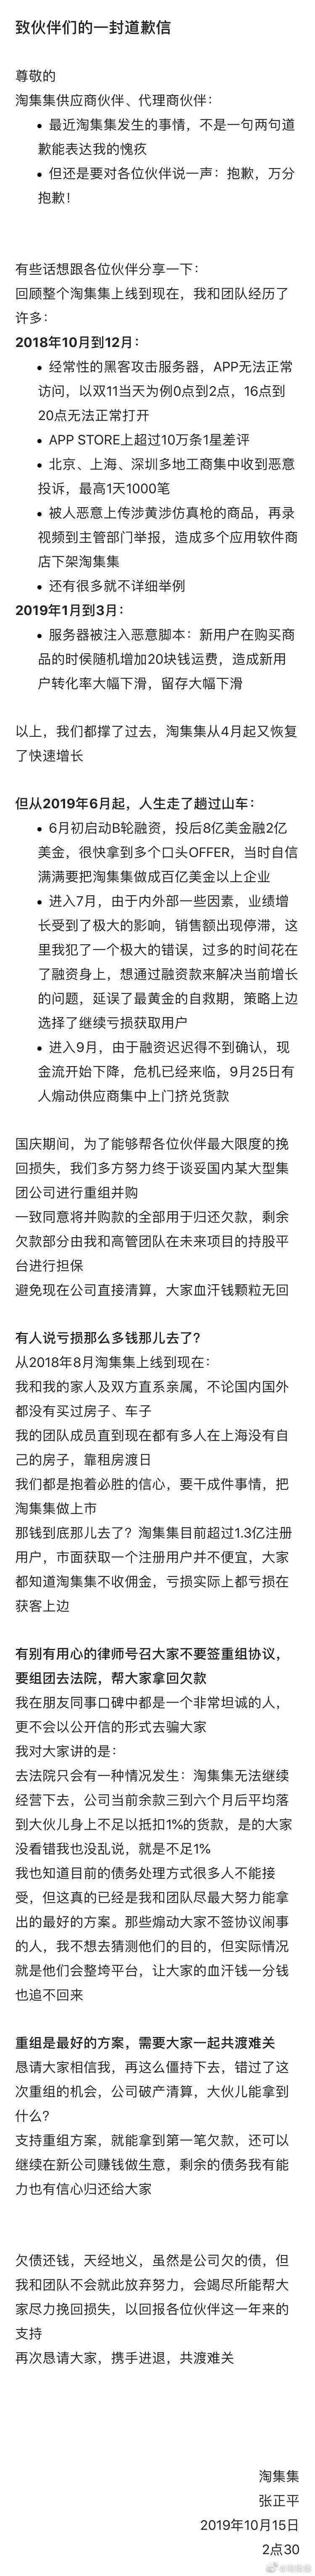 最前线丨淘集集创始人发道歉信:融资时间太长错失自救,呼吁商家不要上诉避免公司清算